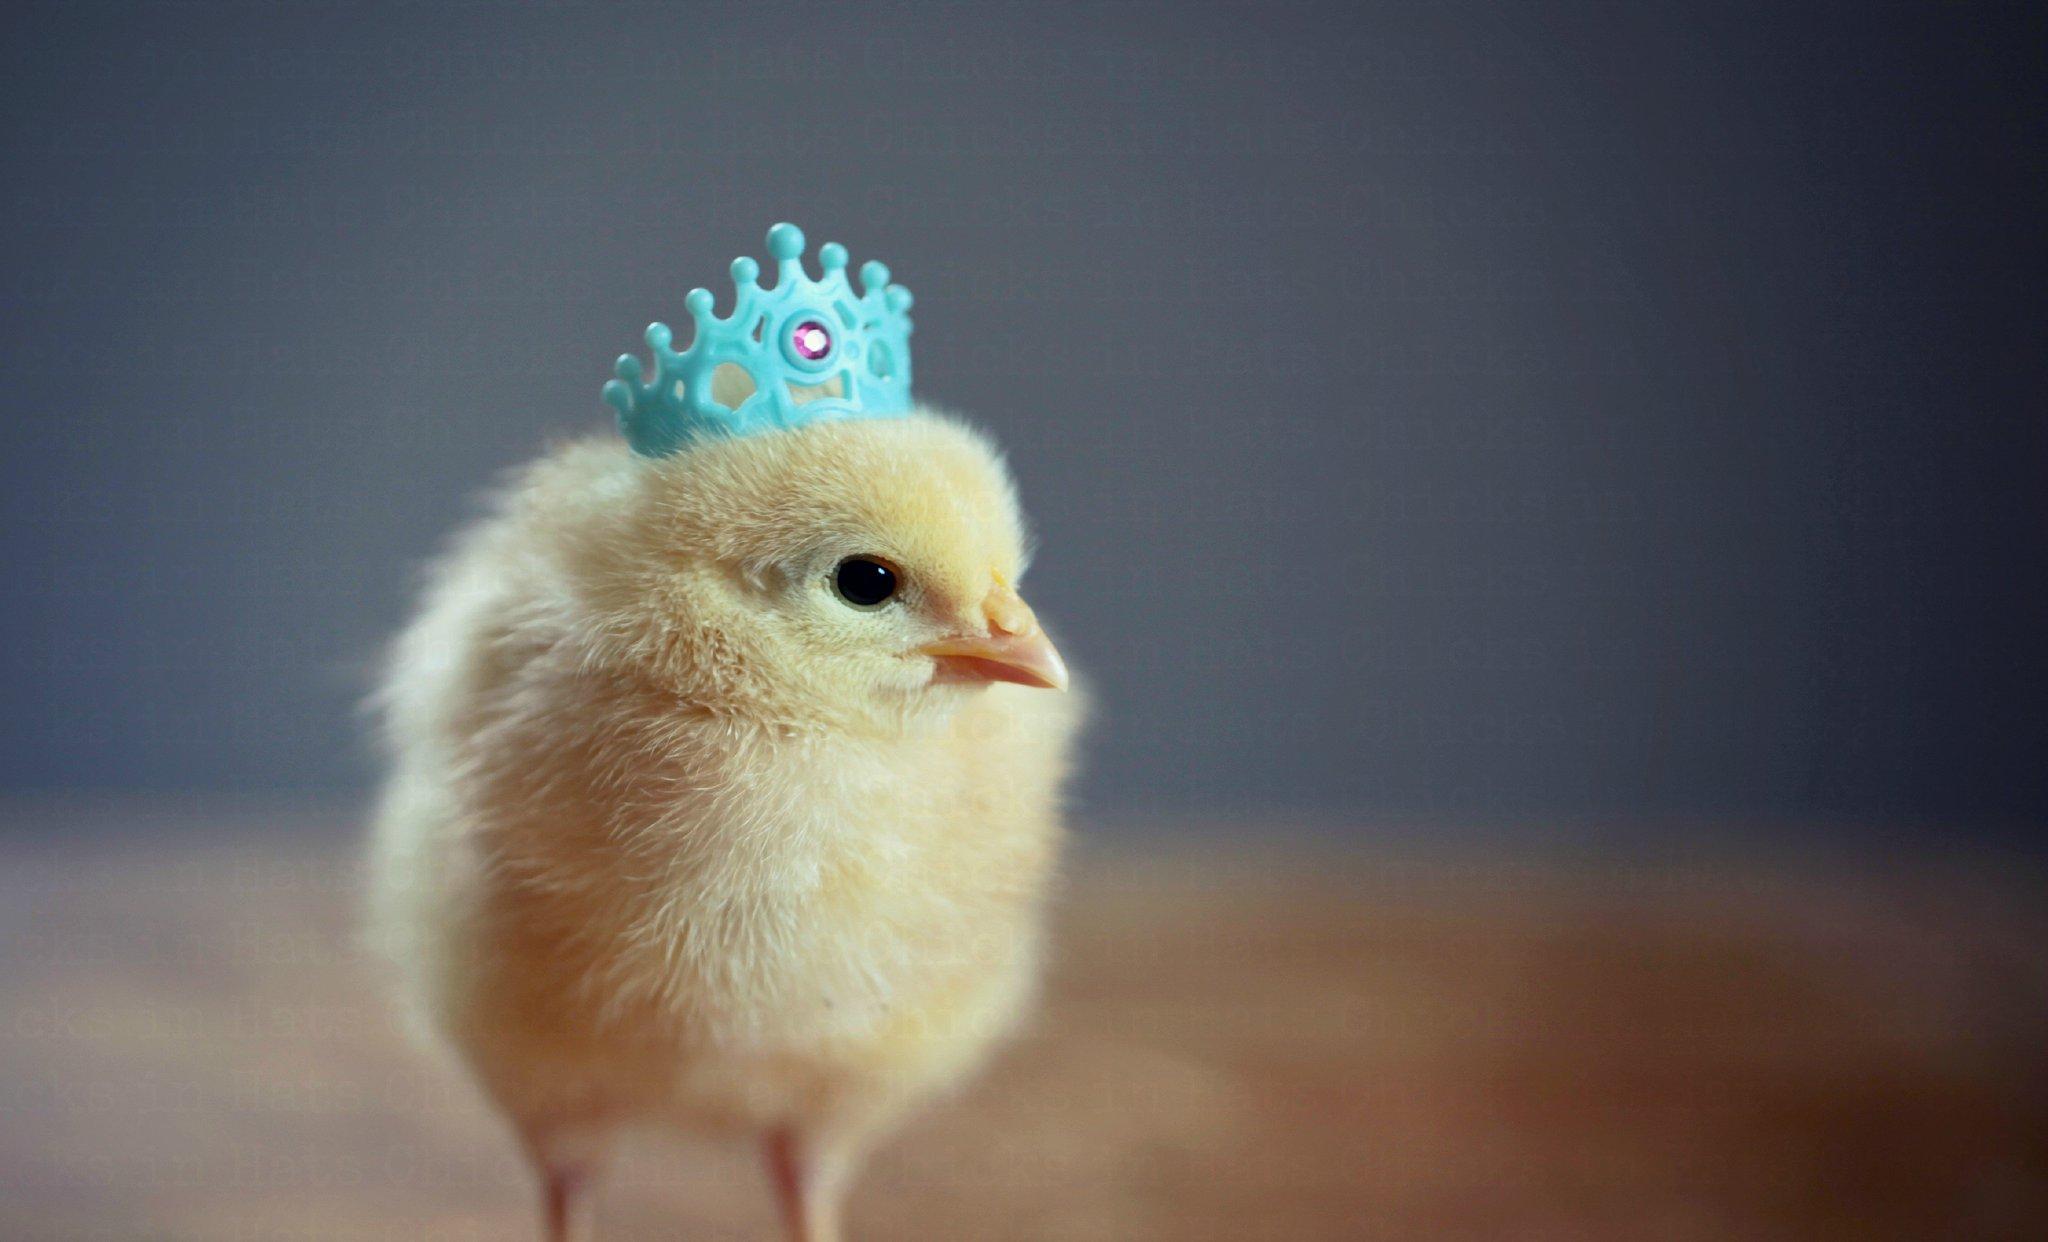 Прикольные картинки цыпленка, картинки для детей